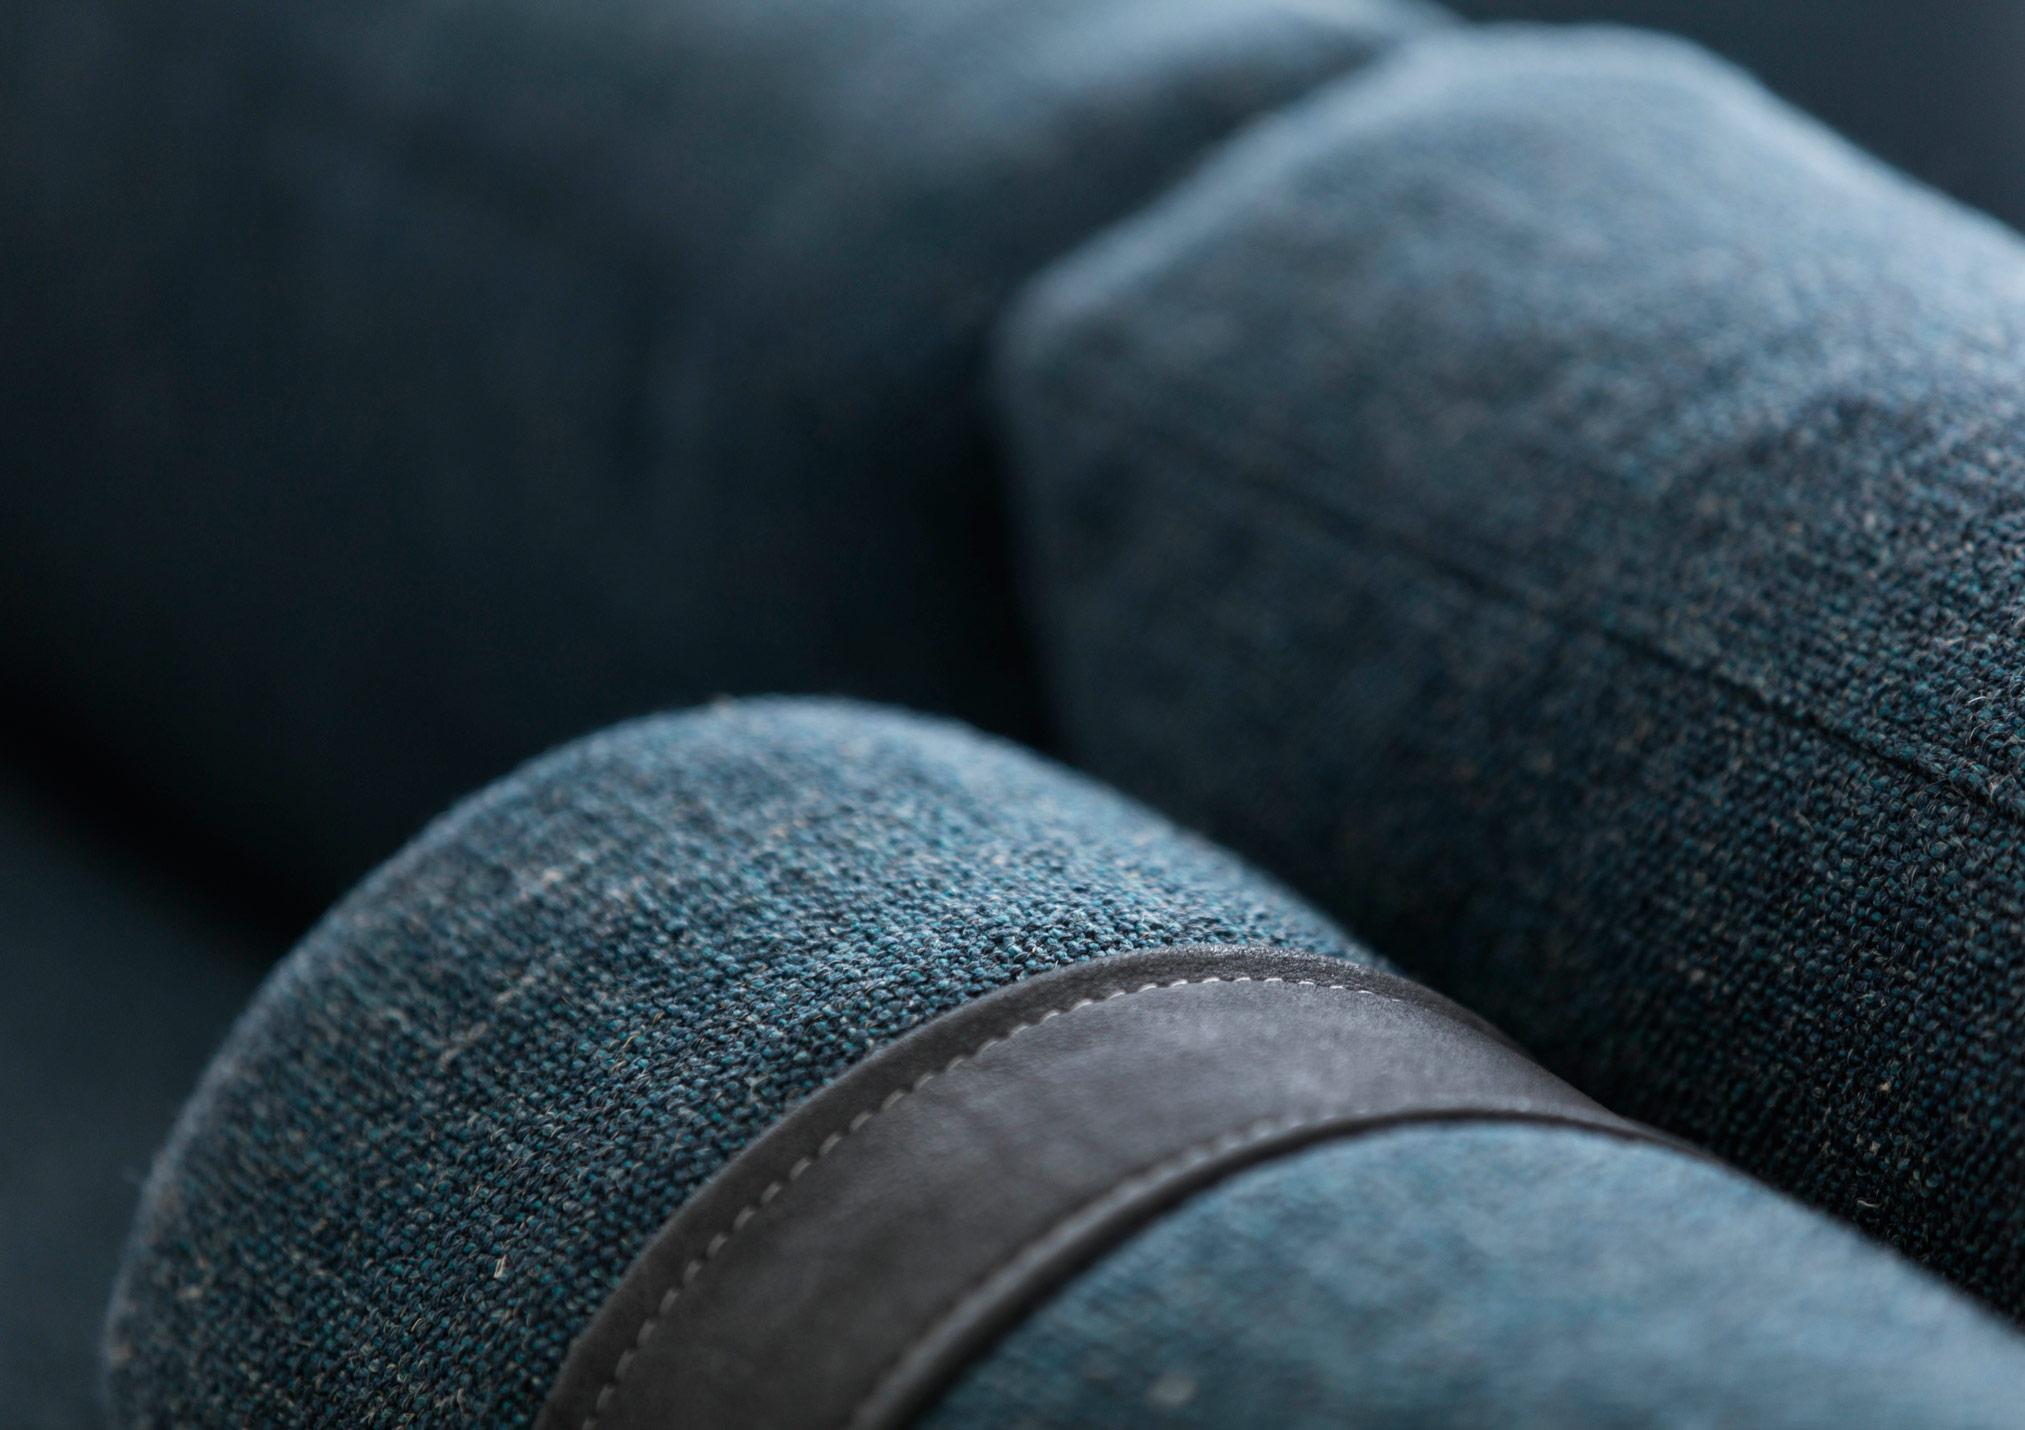 cinghie nabuk per rulli sostegno schienali divano johnny